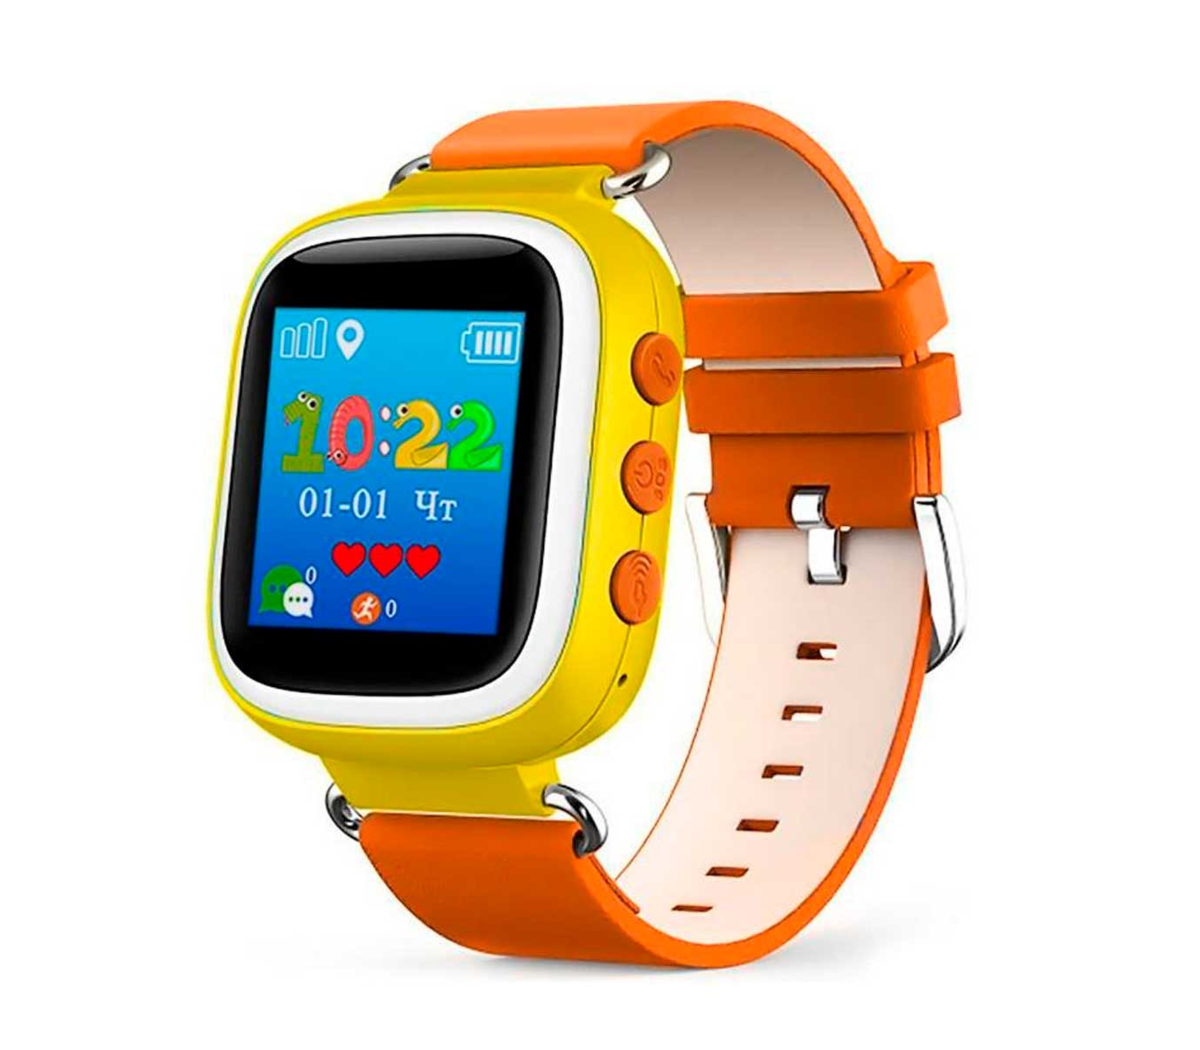 Смарт часы для подростков  smart age watch ew smart baby watch q особенности детских смарт часов смарт часы с gps трекером — это настоящая находка.